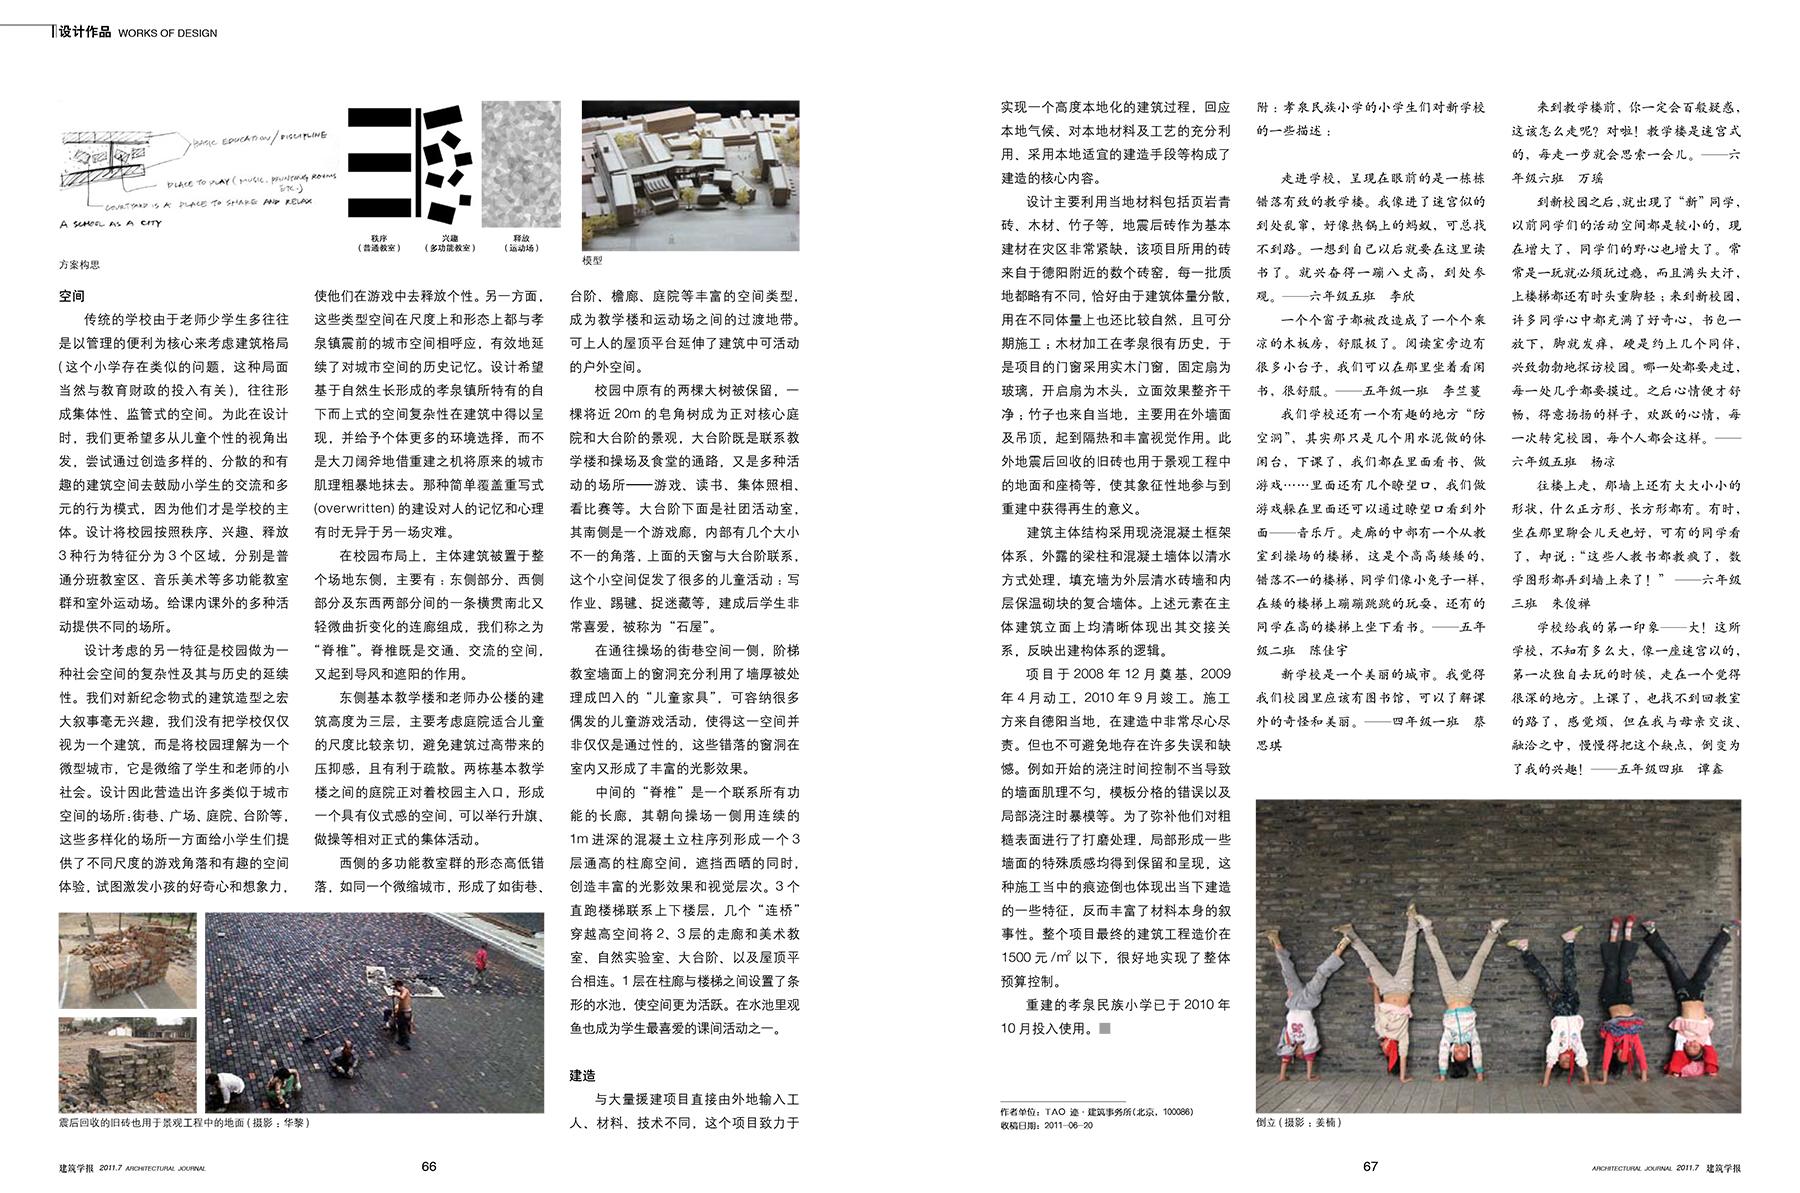 四川德阳孝泉镇民族小学重建-0703-5.jpg